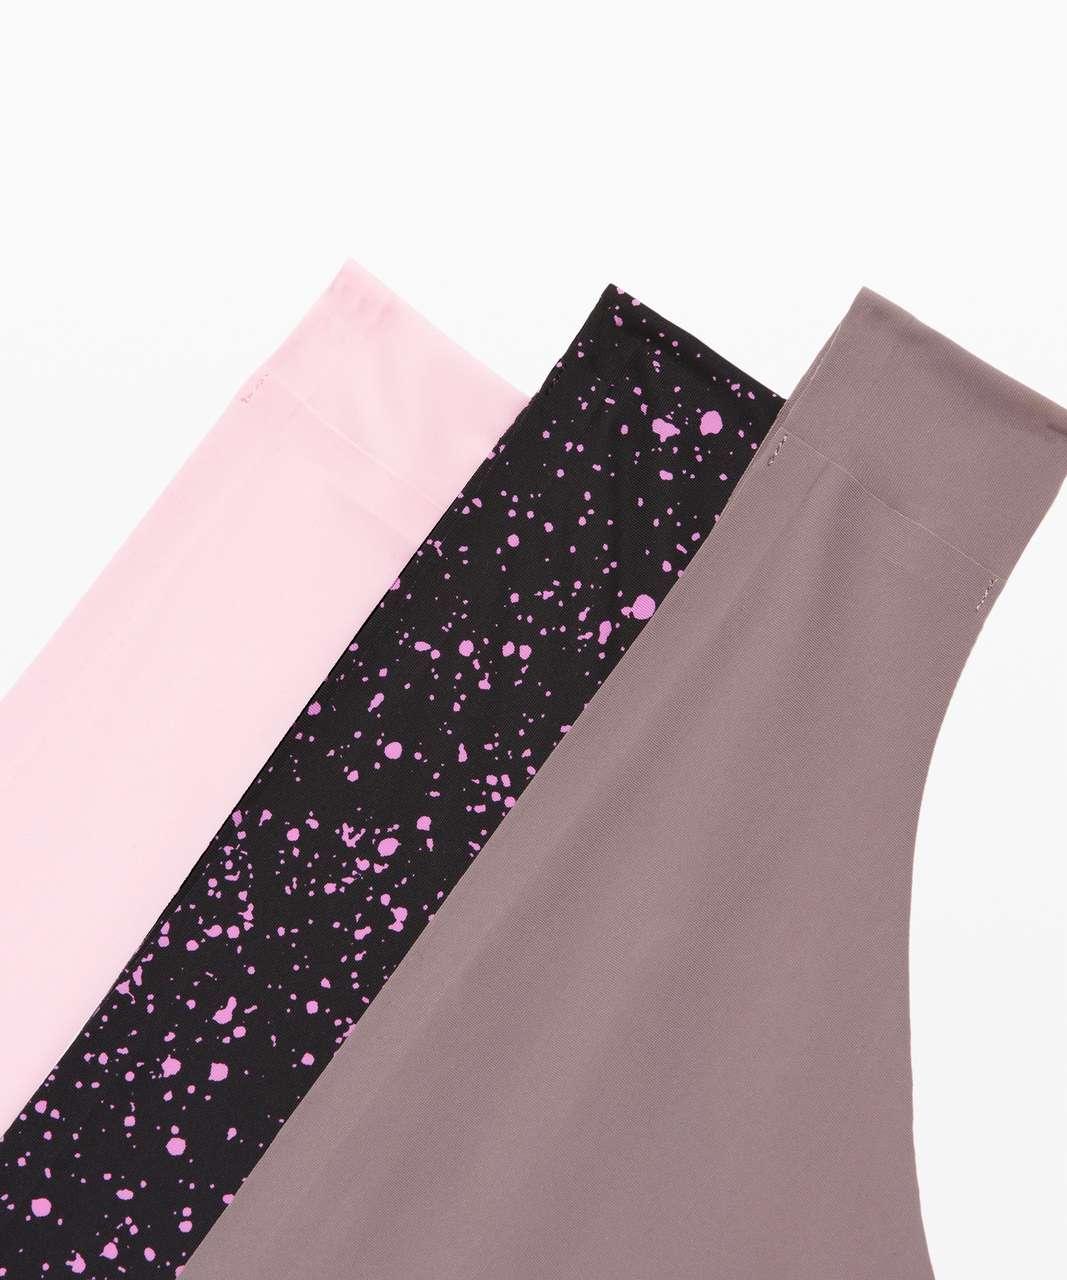 Lululemon Namastay Put Thong 3 Pack - Blissful Pink / Sea Spray Invert Magenta Glow Black / Lunar Rock